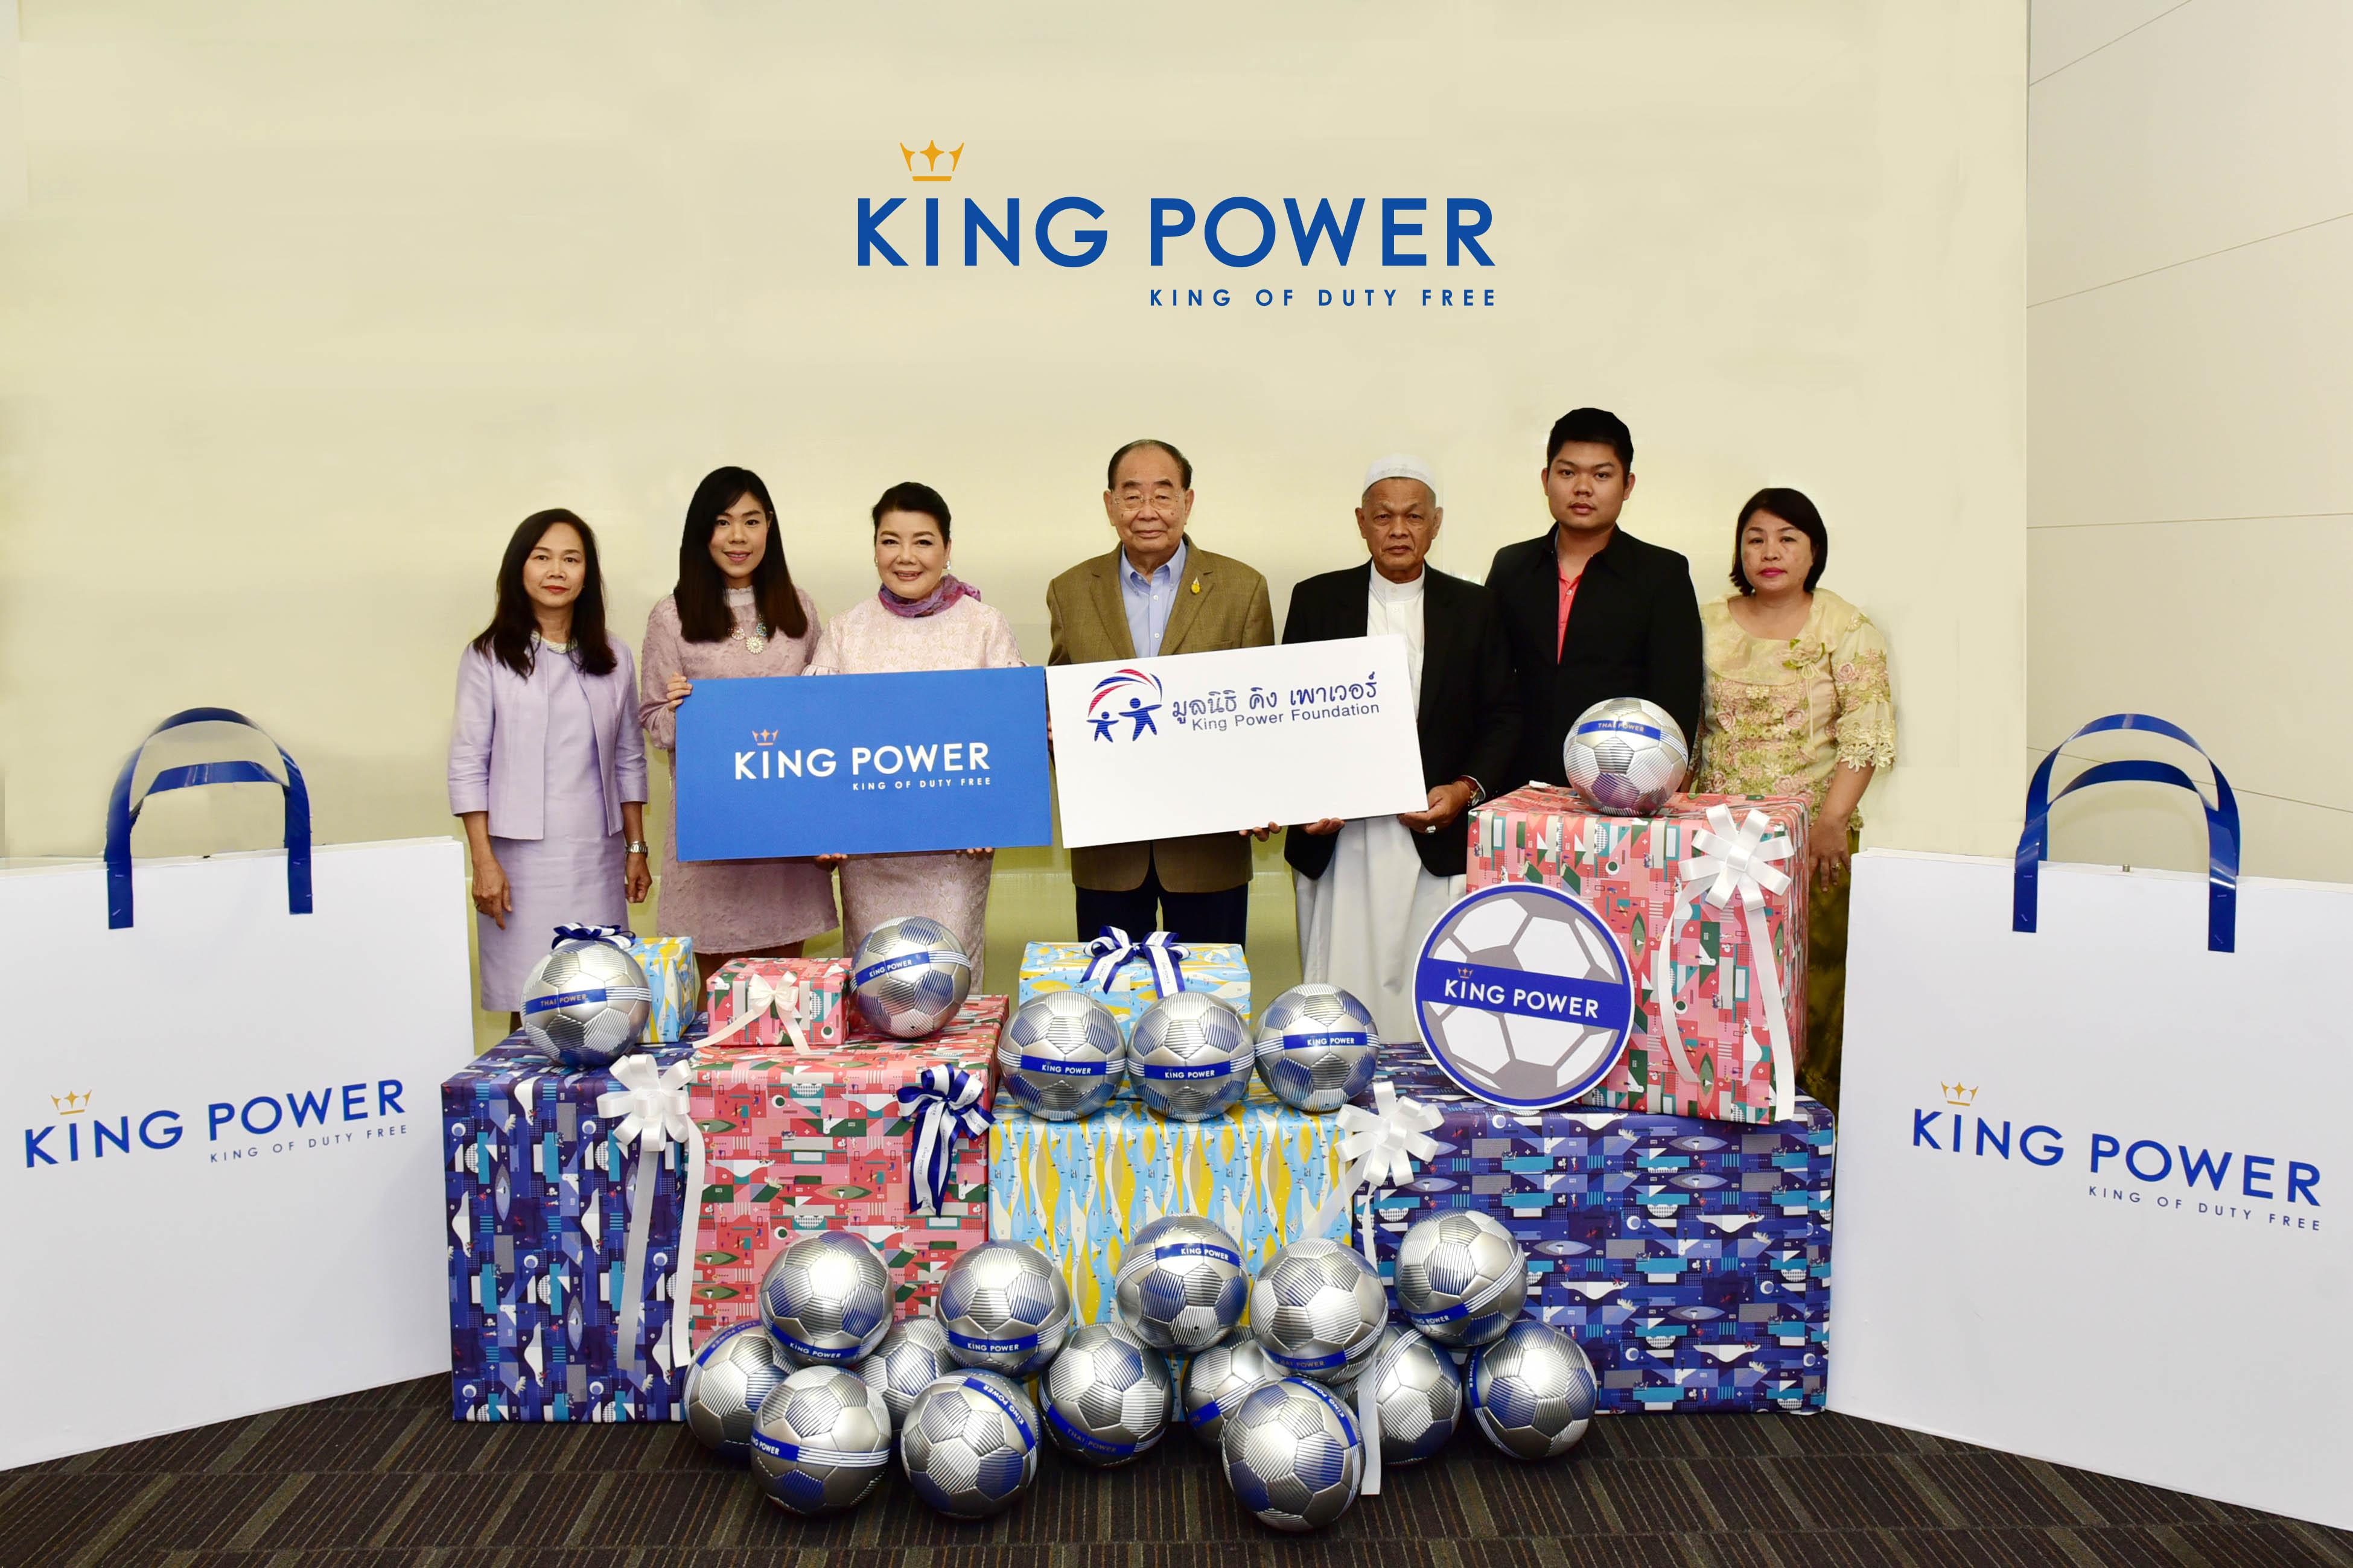 กลุ่มบริษัท คิง เพาเวอร์ และ มูลนิธิ คิง เพาเวอร์ สนับสนุนวันเด็กแห่งชาติ 2561